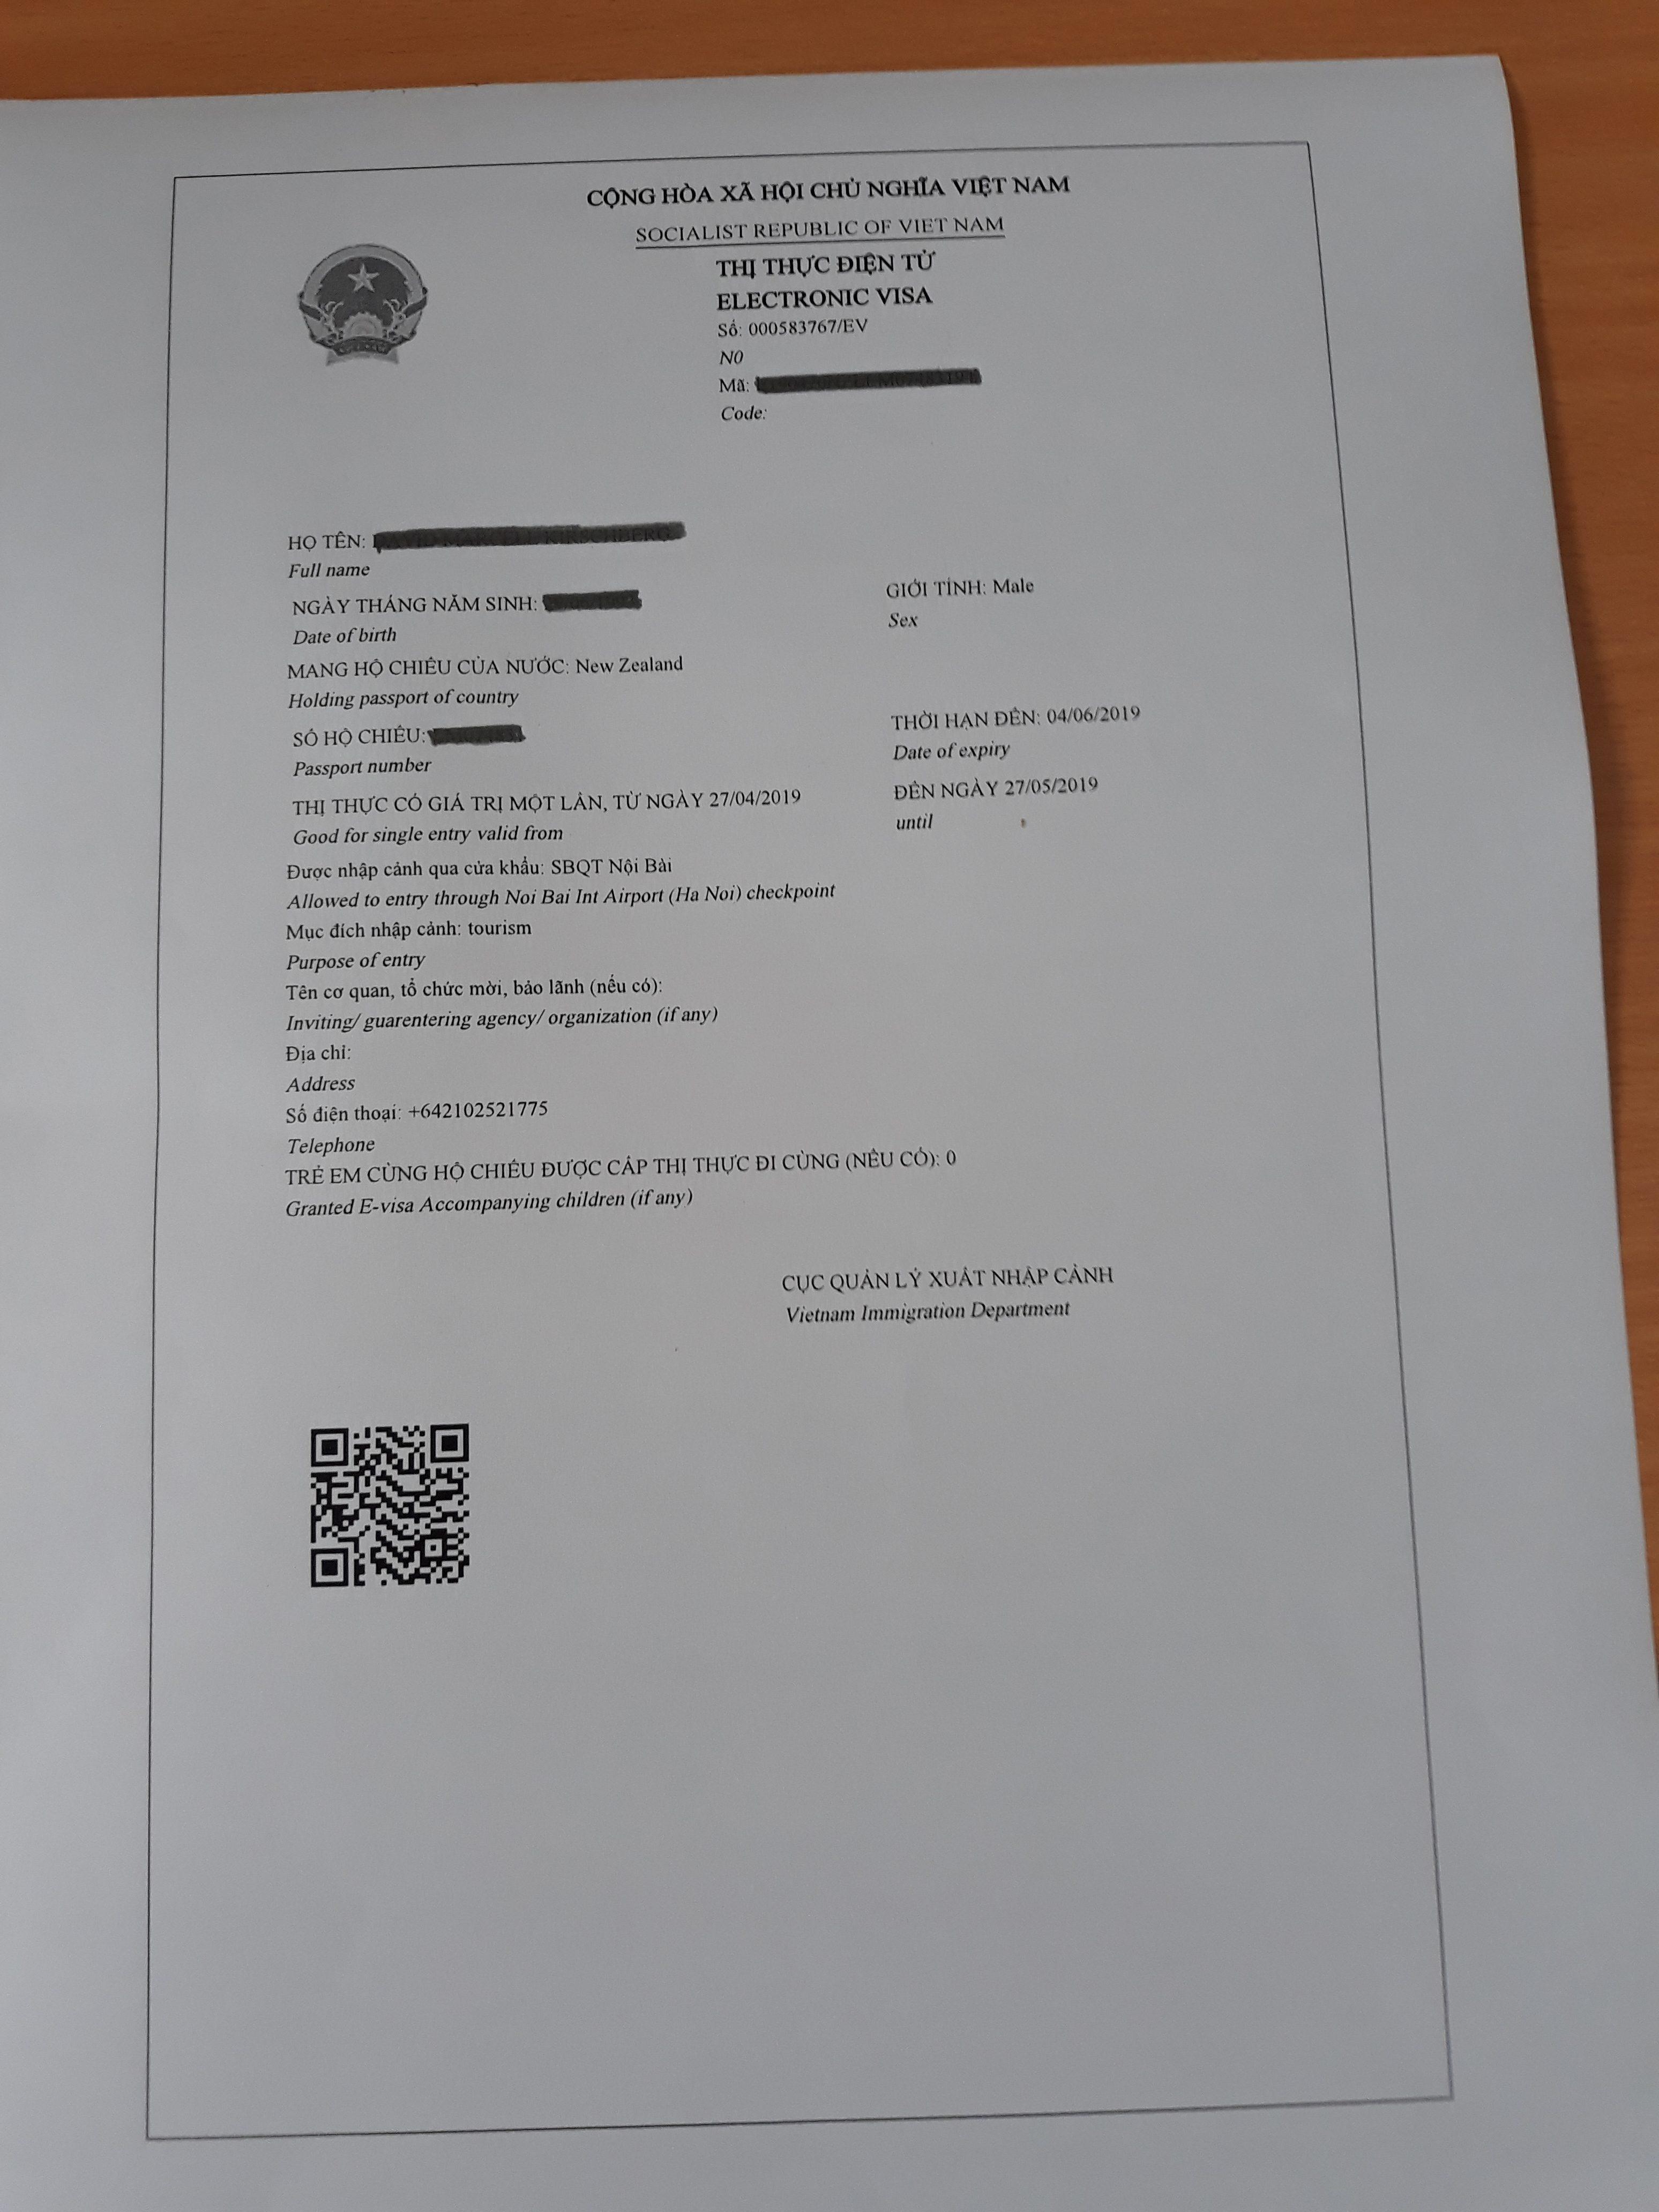 越南電子簽證為香港護照持有人正式通過2019 | Vietnam eVisa